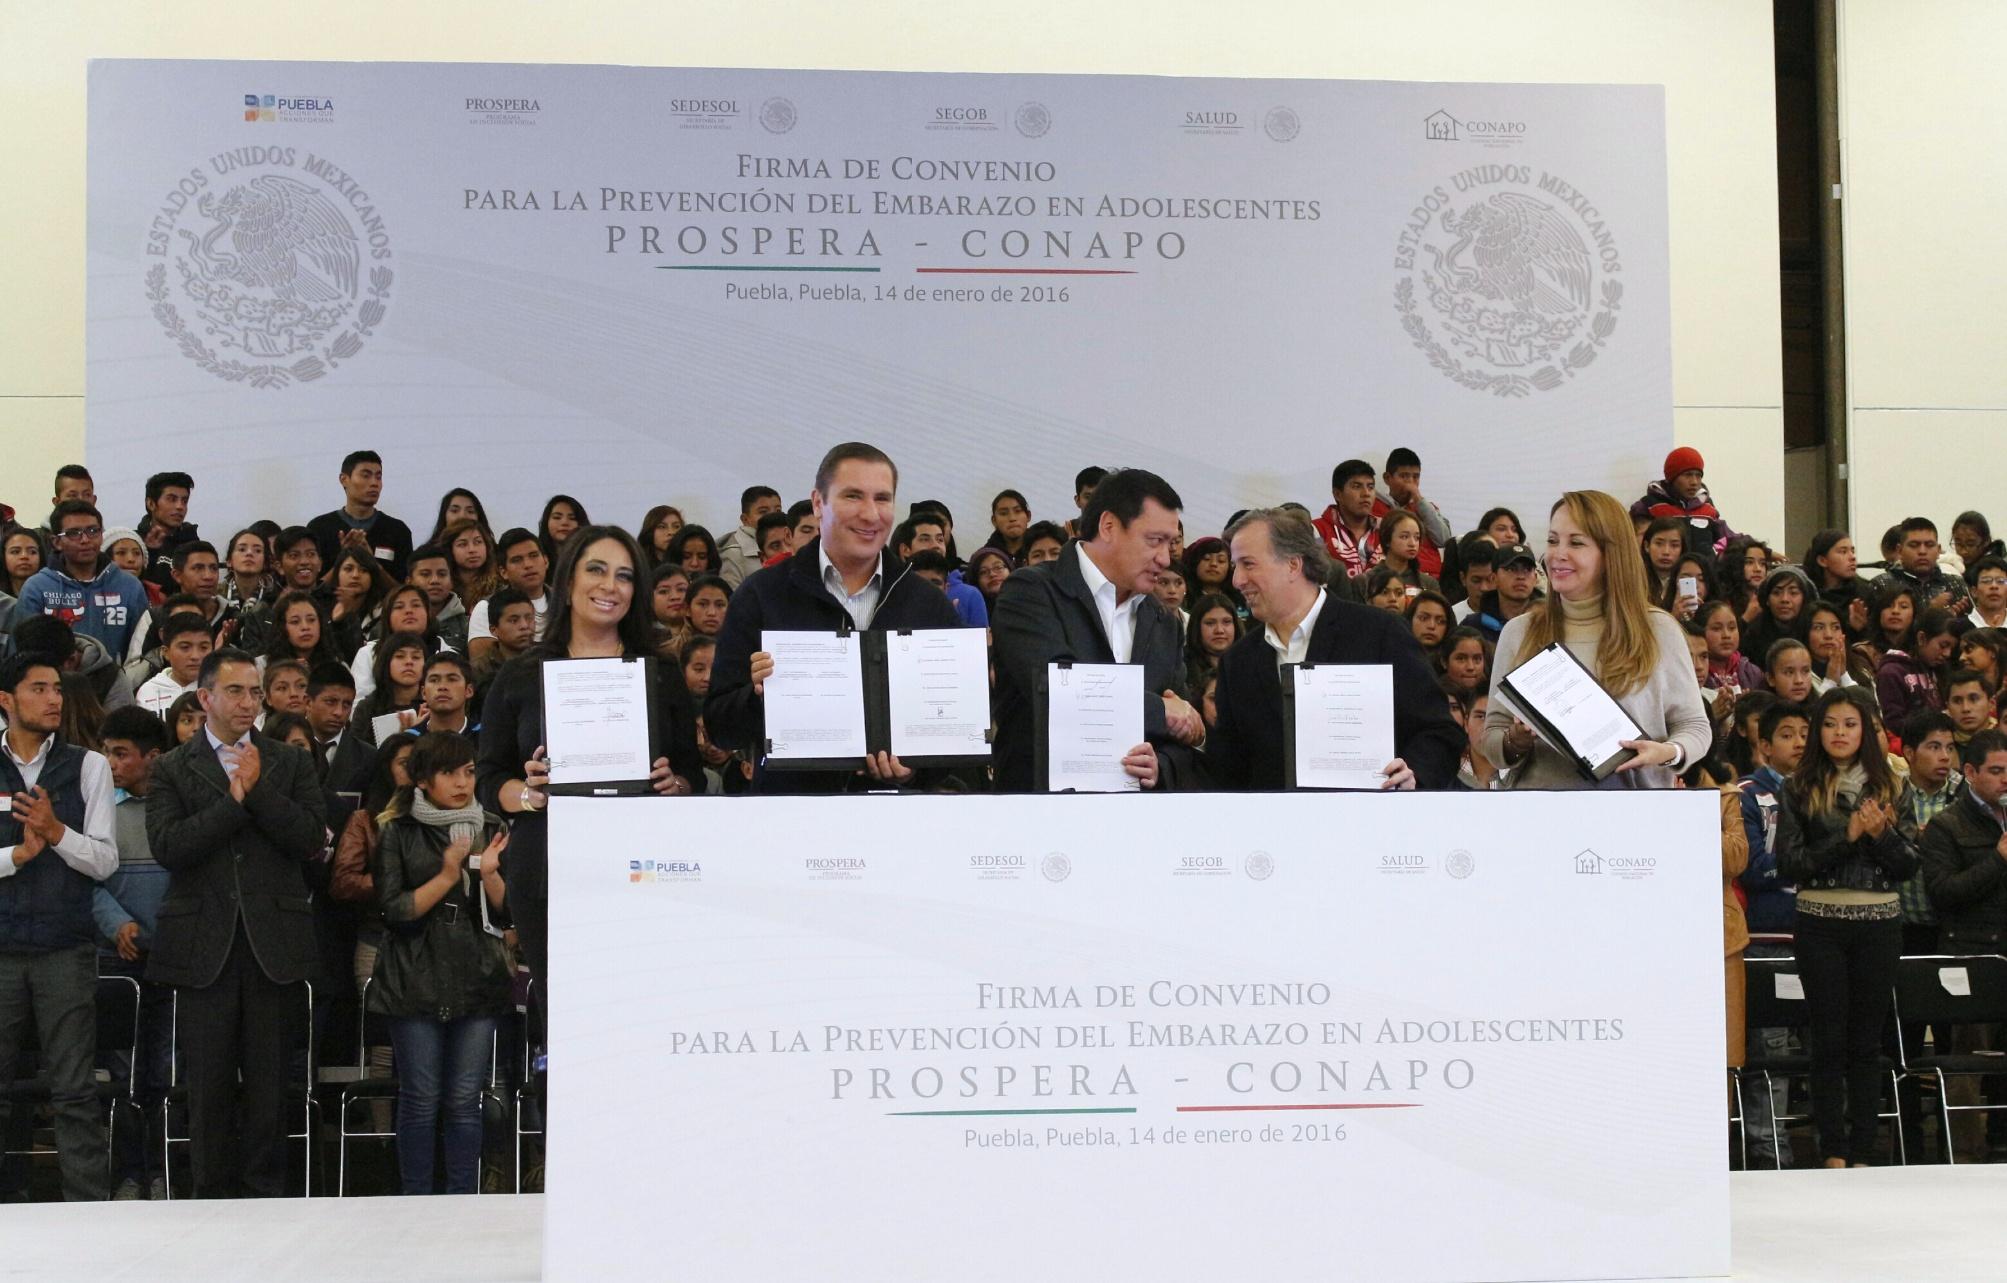 FOTO 3 Los titulares de Segob y Sedesol firmaron Convenio de Colaboraci n para la Prevenci n del Embarazo en Adolescentes Prospera CONAPO.jpg